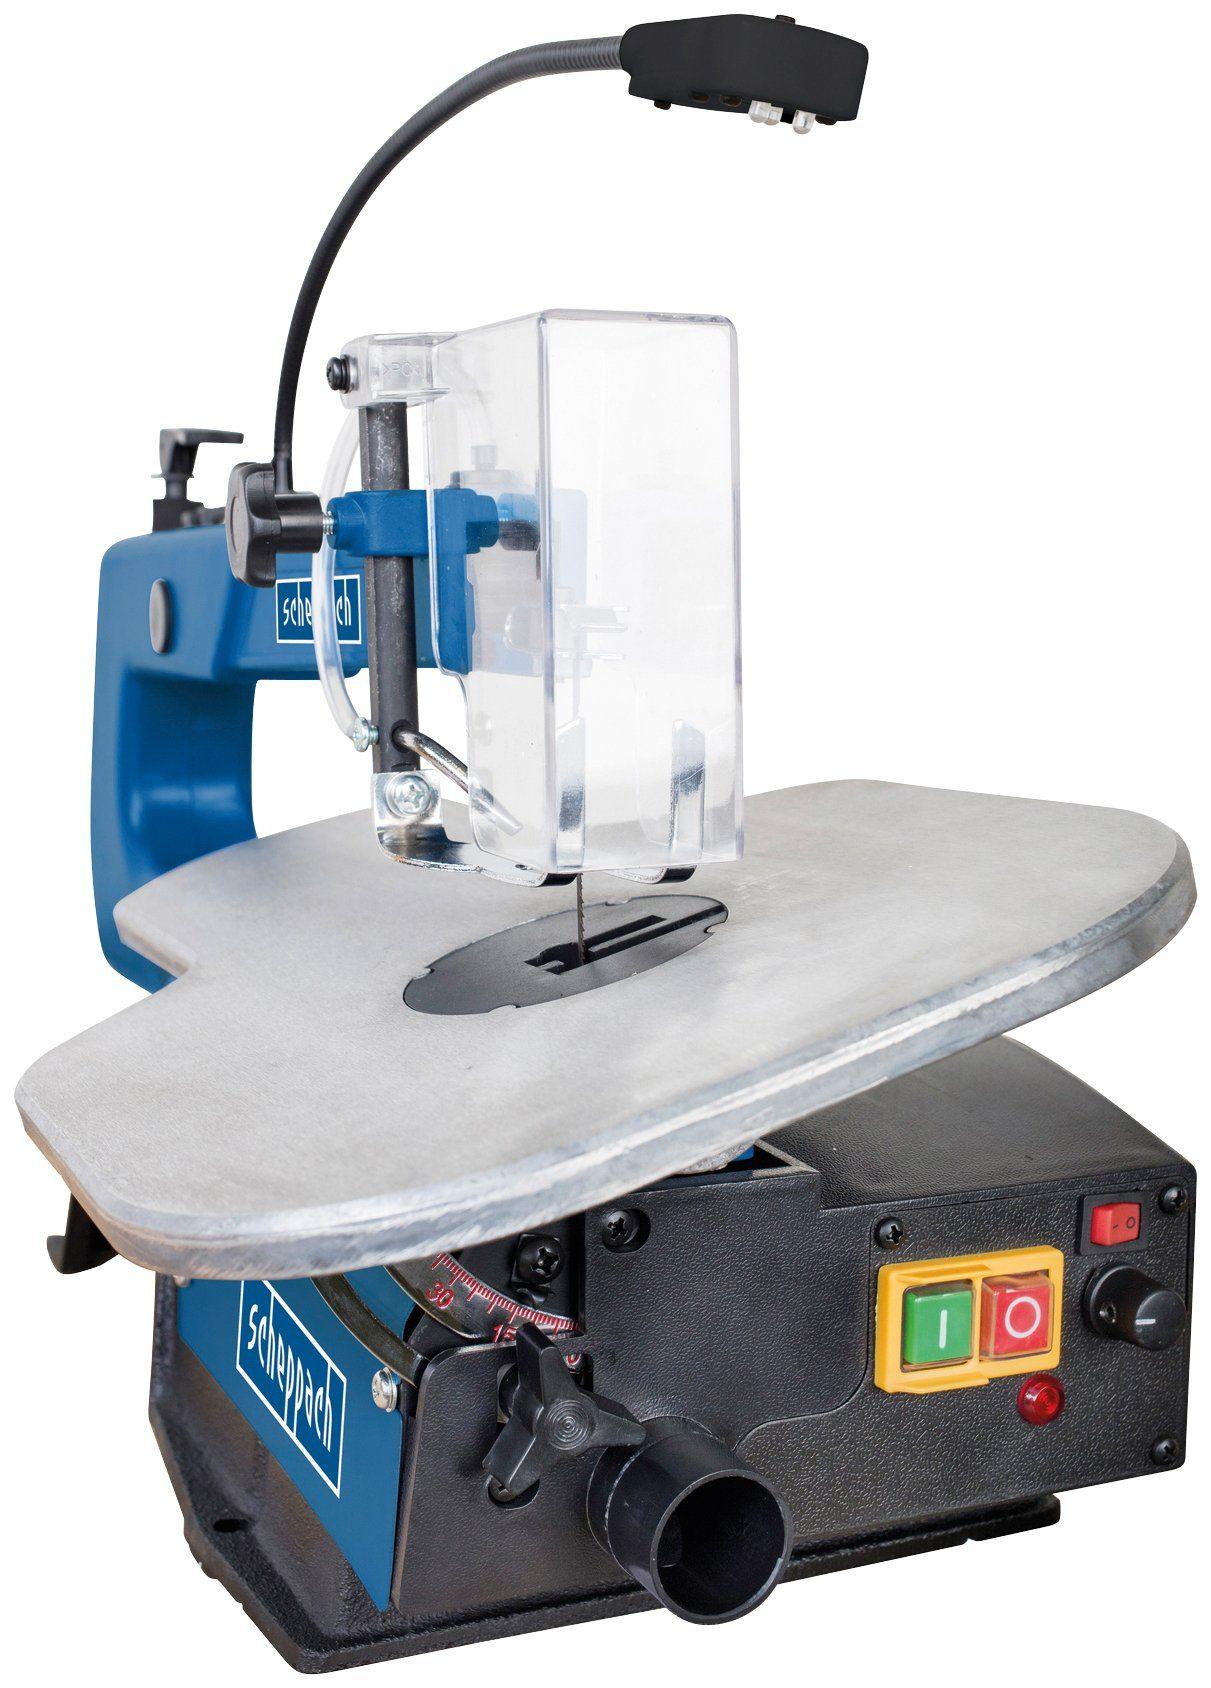 SCHEPPACH Dekupiersäge »Deco XL«, mit Pedal, 230-240V 50Hz 125W